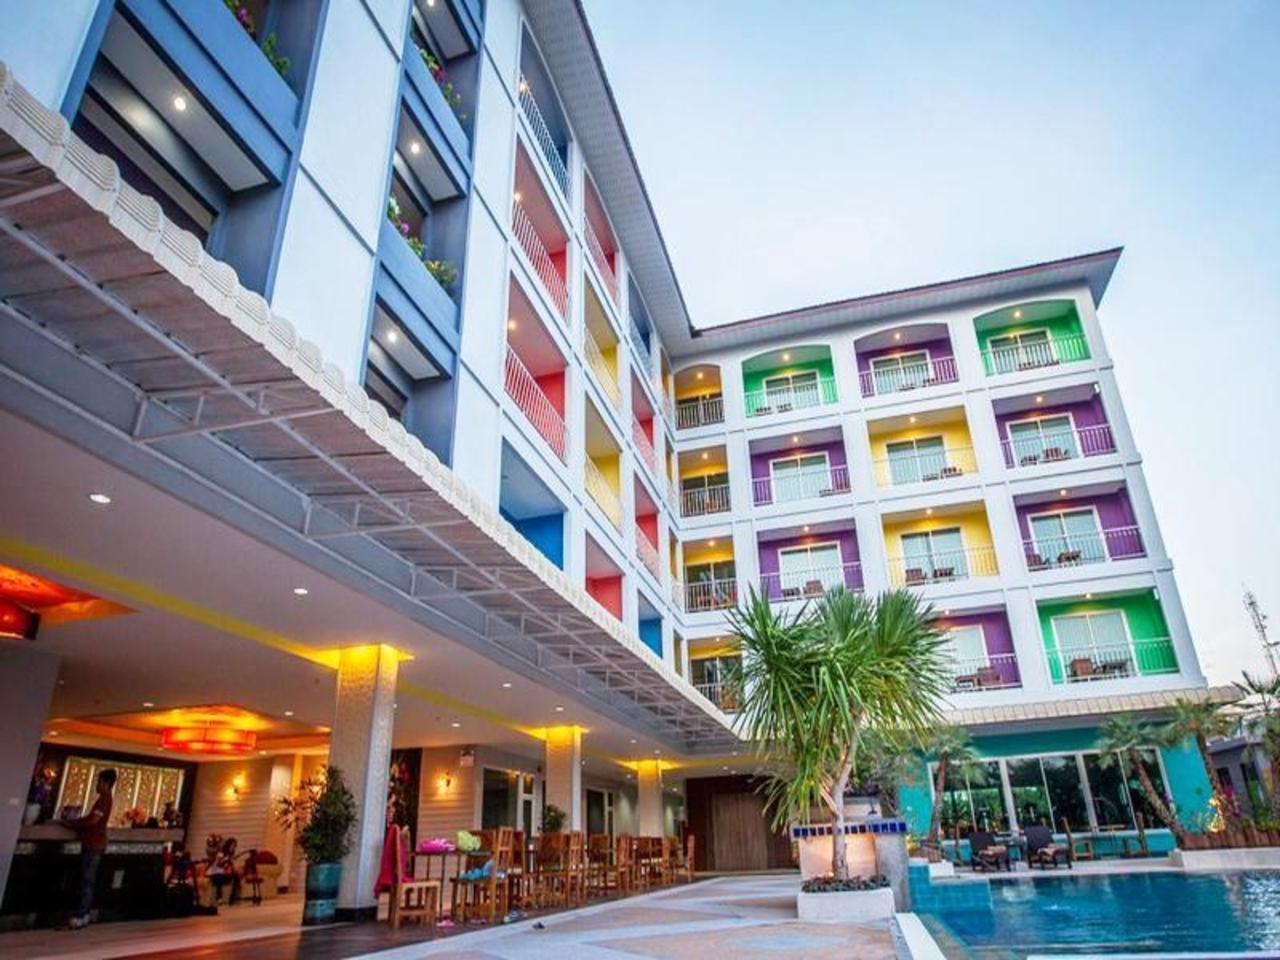 โรงแรม เดอะ ไนนท์ พัทยา (The Ninth Pattaya Hotel)